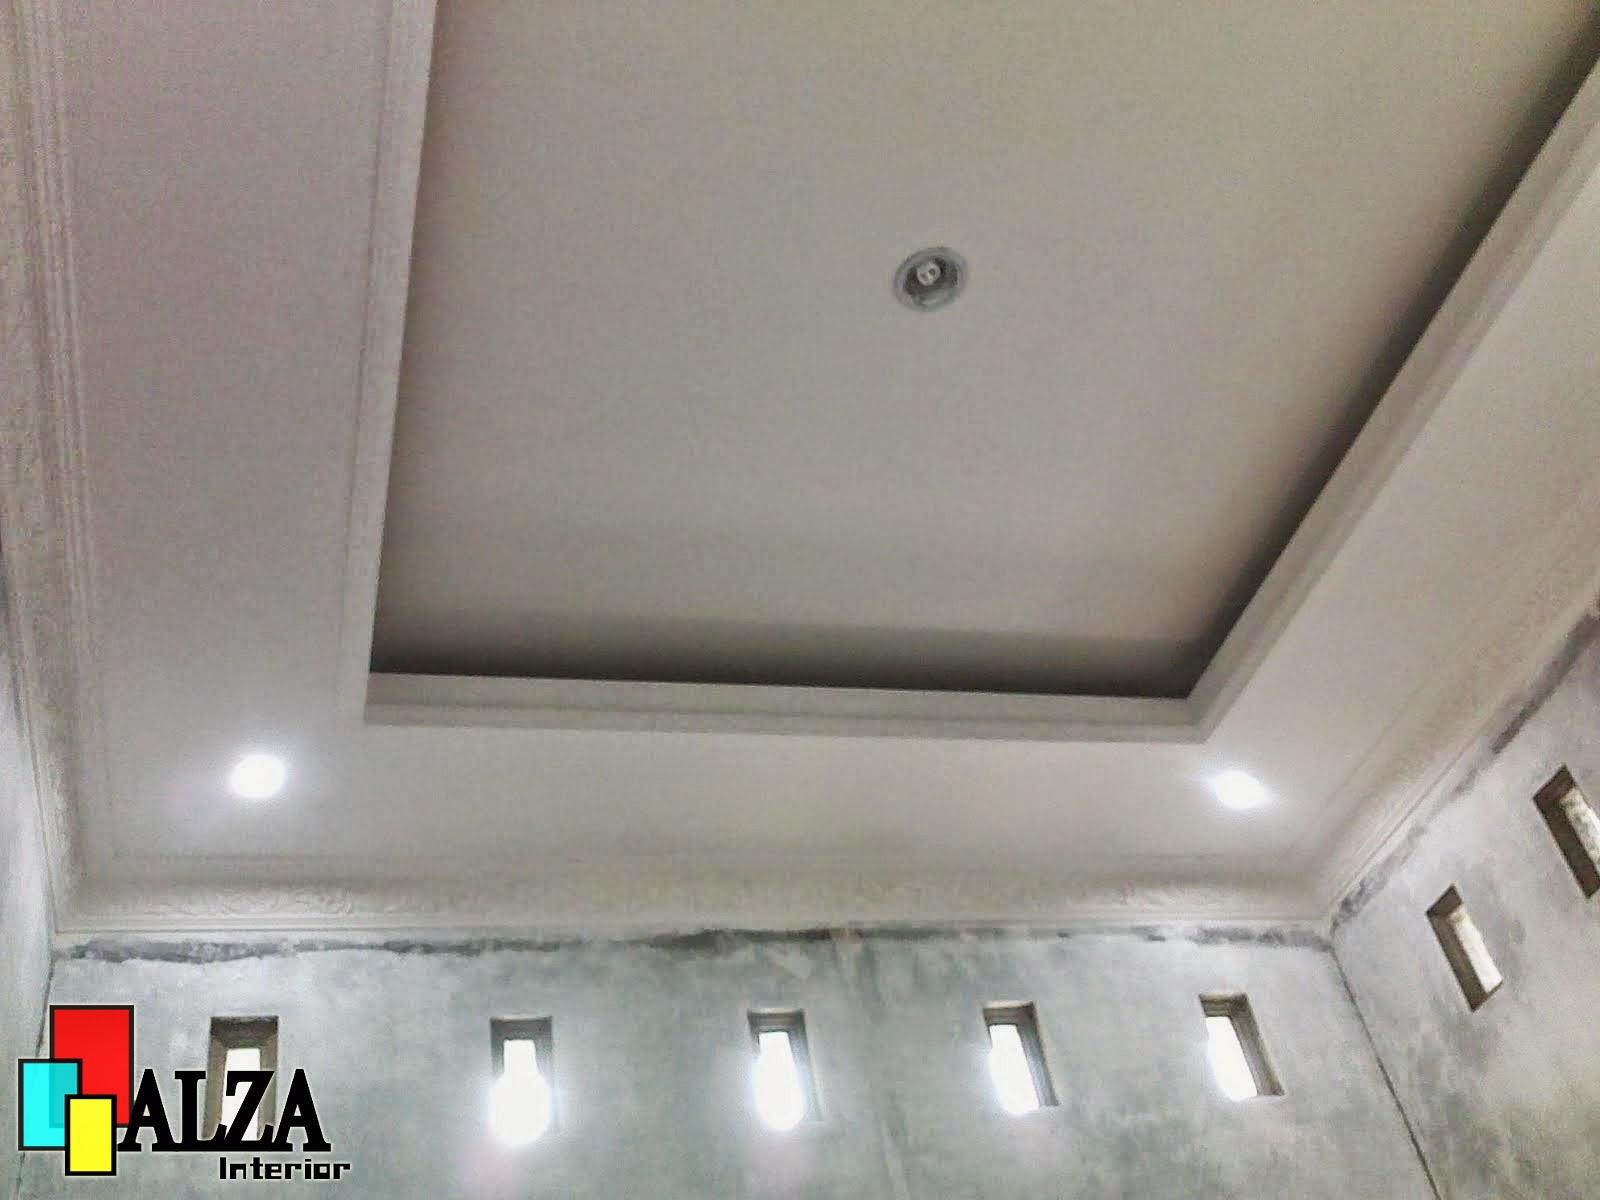 Scintillating Modern Interior Wallpaper Kota Mojokerto Jawa Timur ...